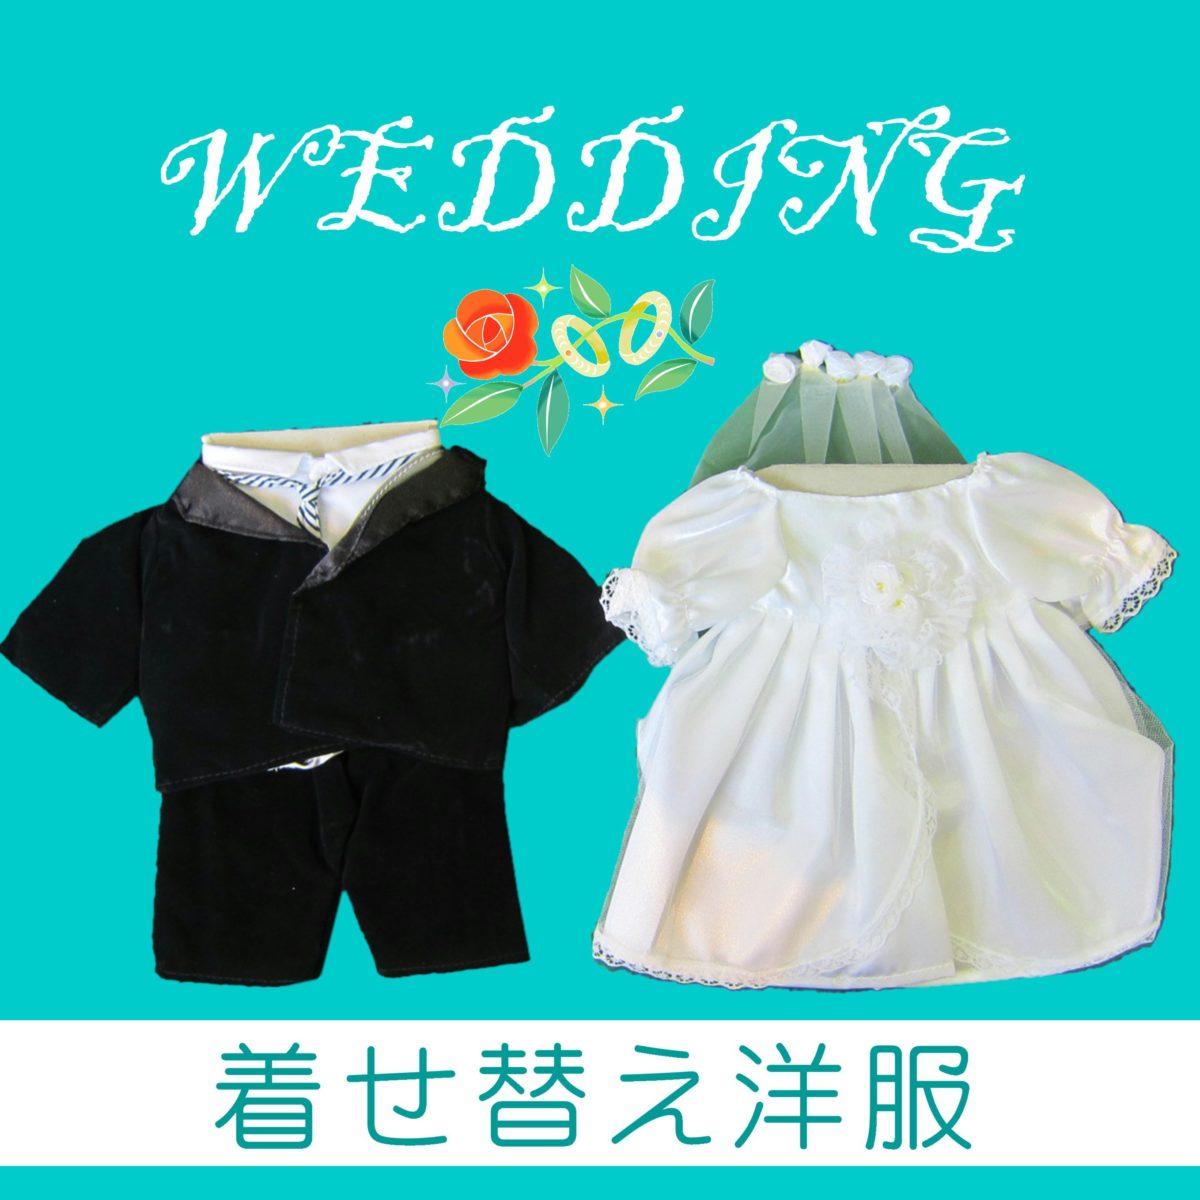 ウエディング(着せ替え洋服)